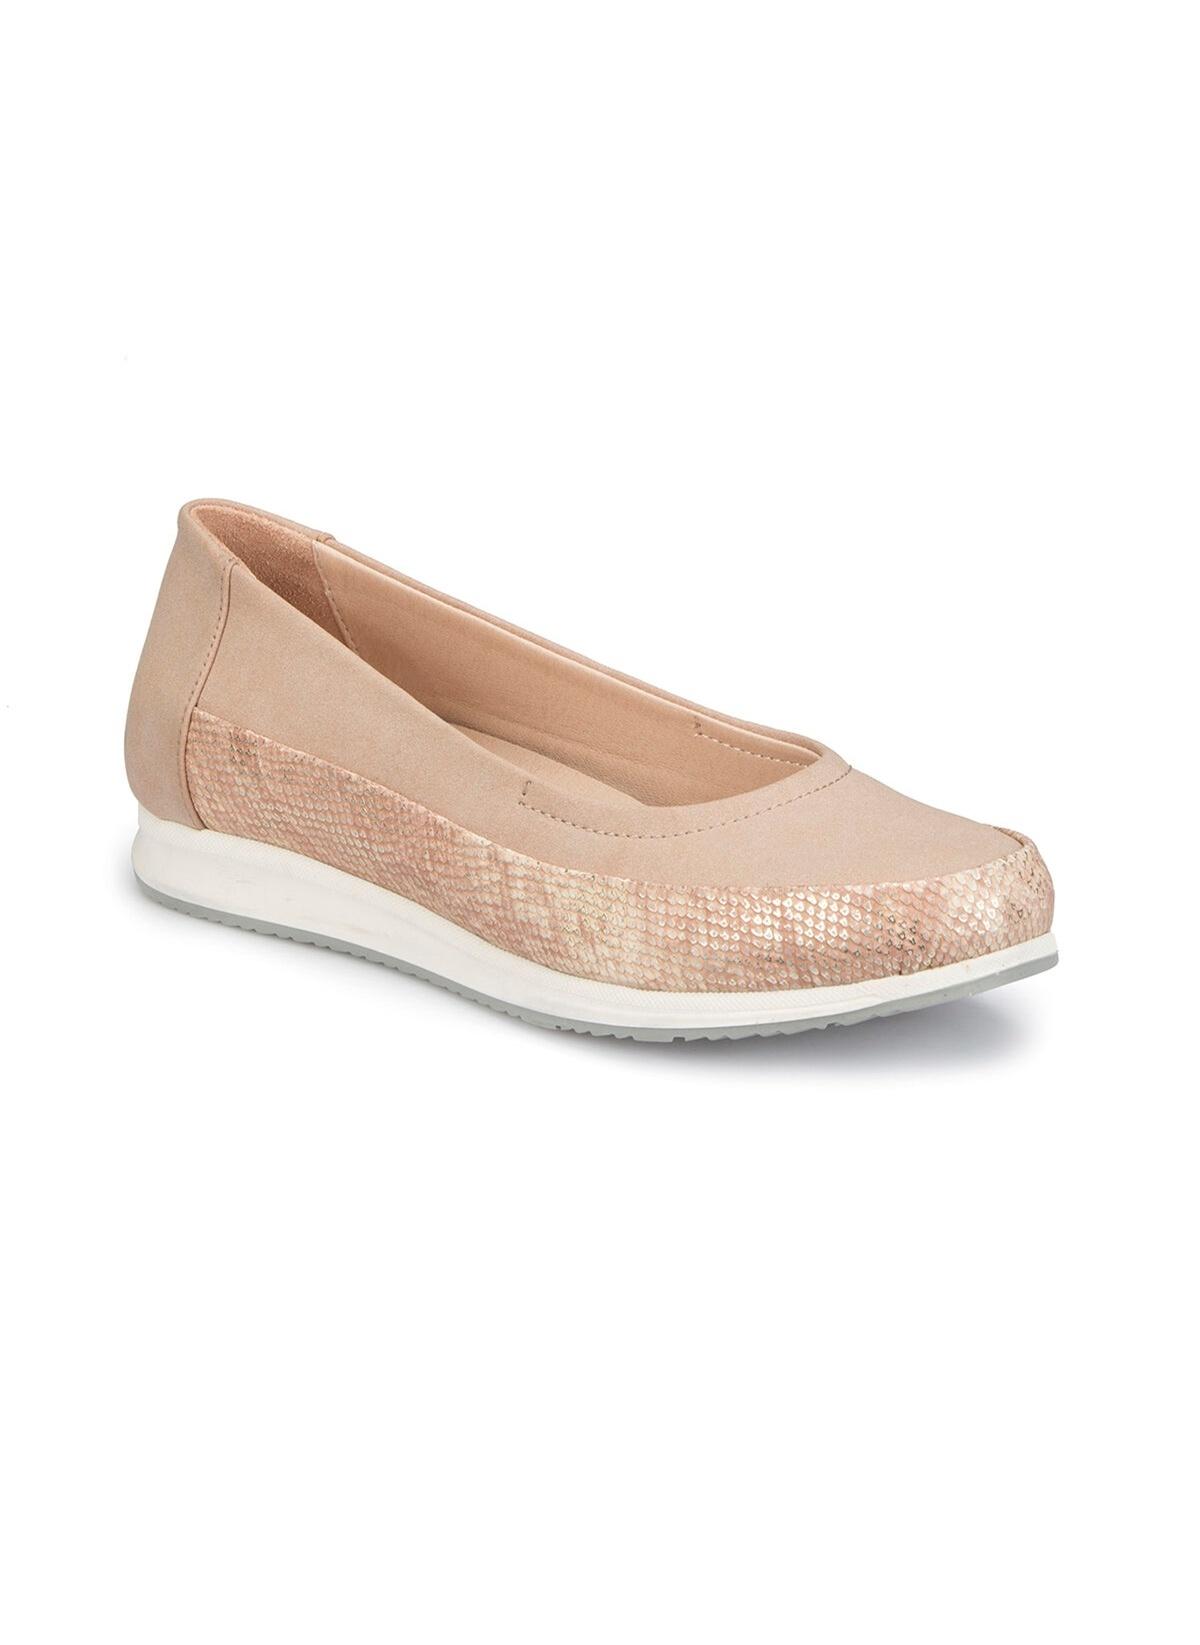 Polaris Ayakkabı 81.111316.z Basic Comfort – 47.0 TL